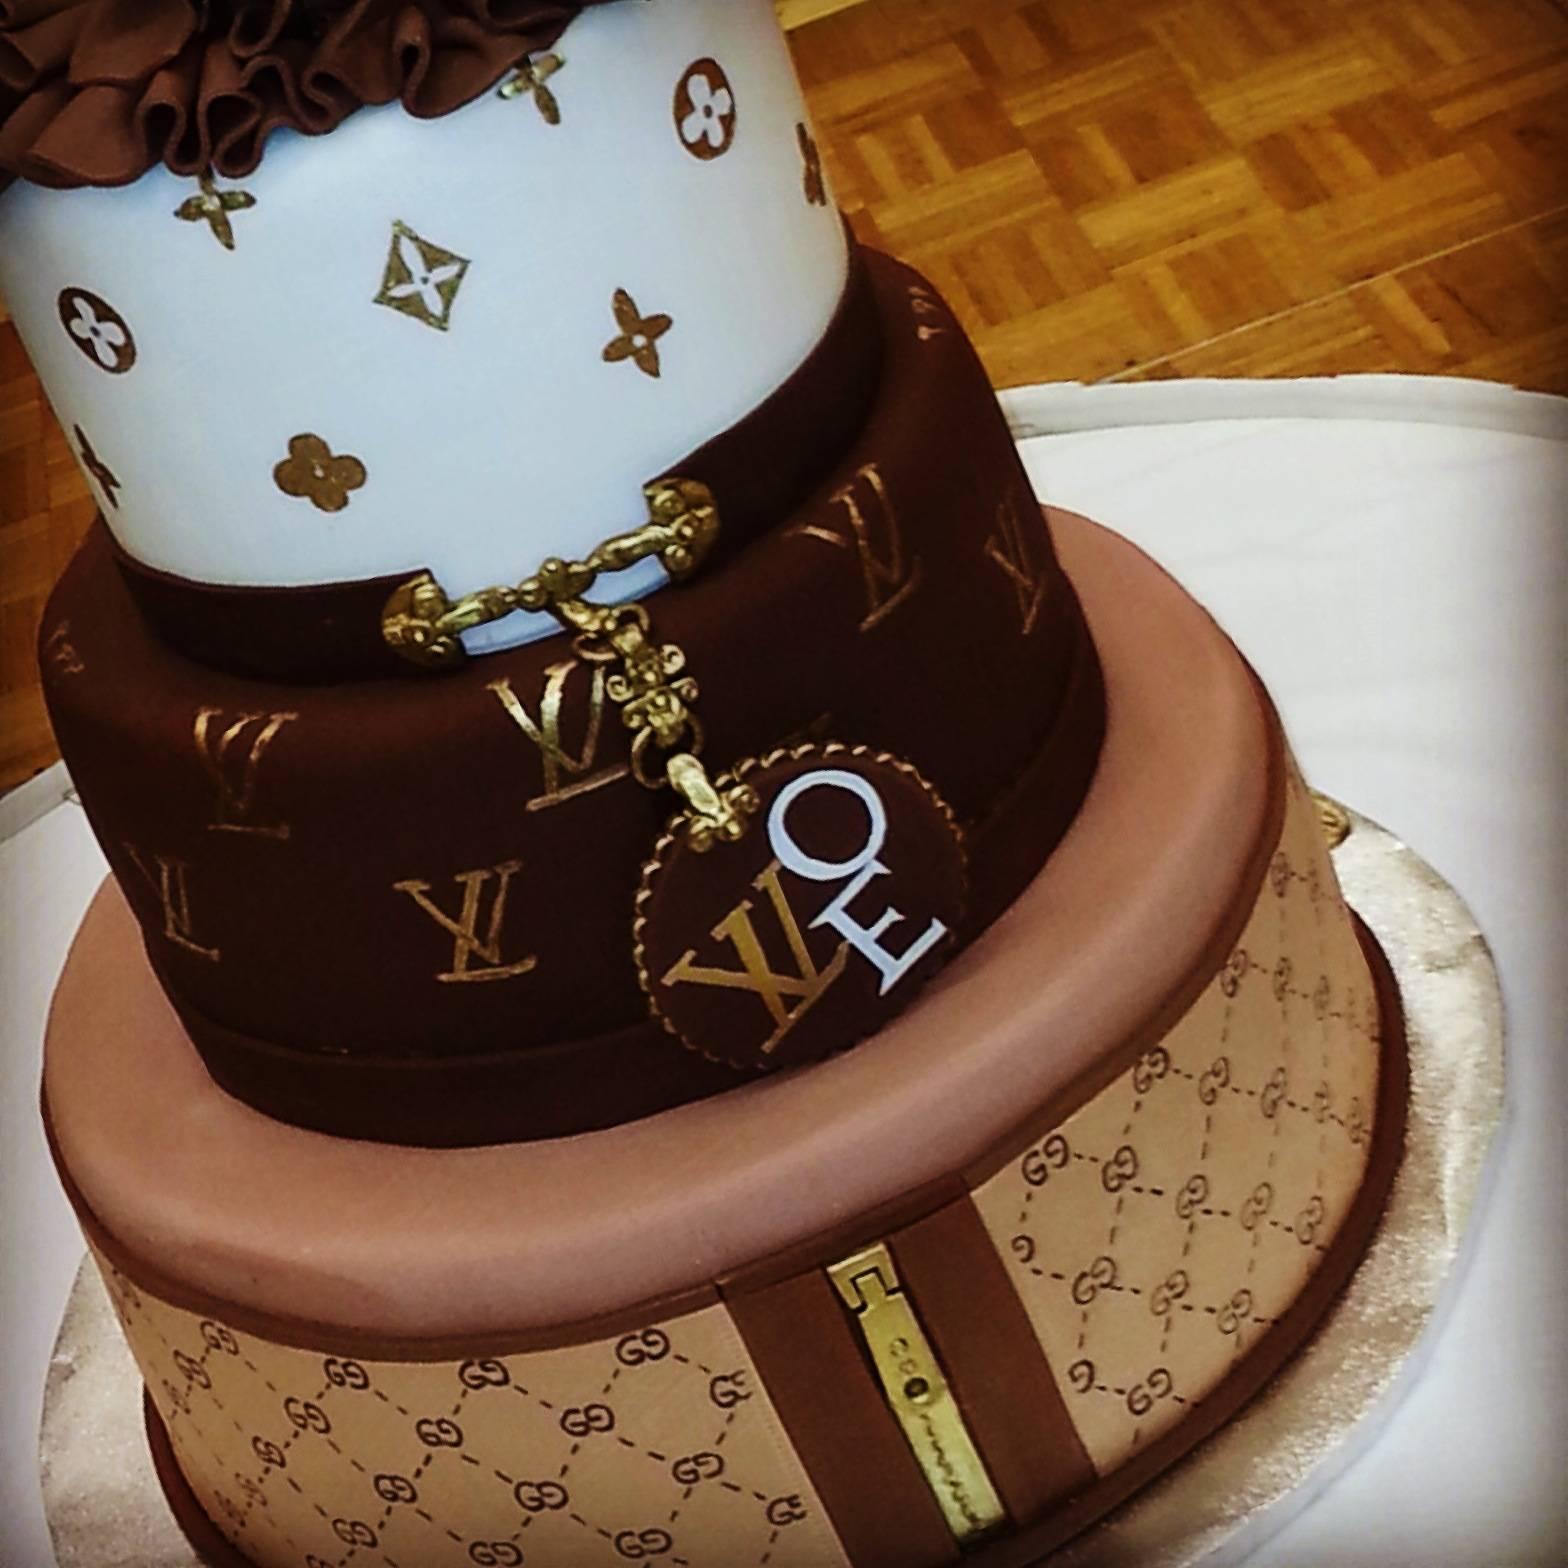 Louis Vuitton Cake